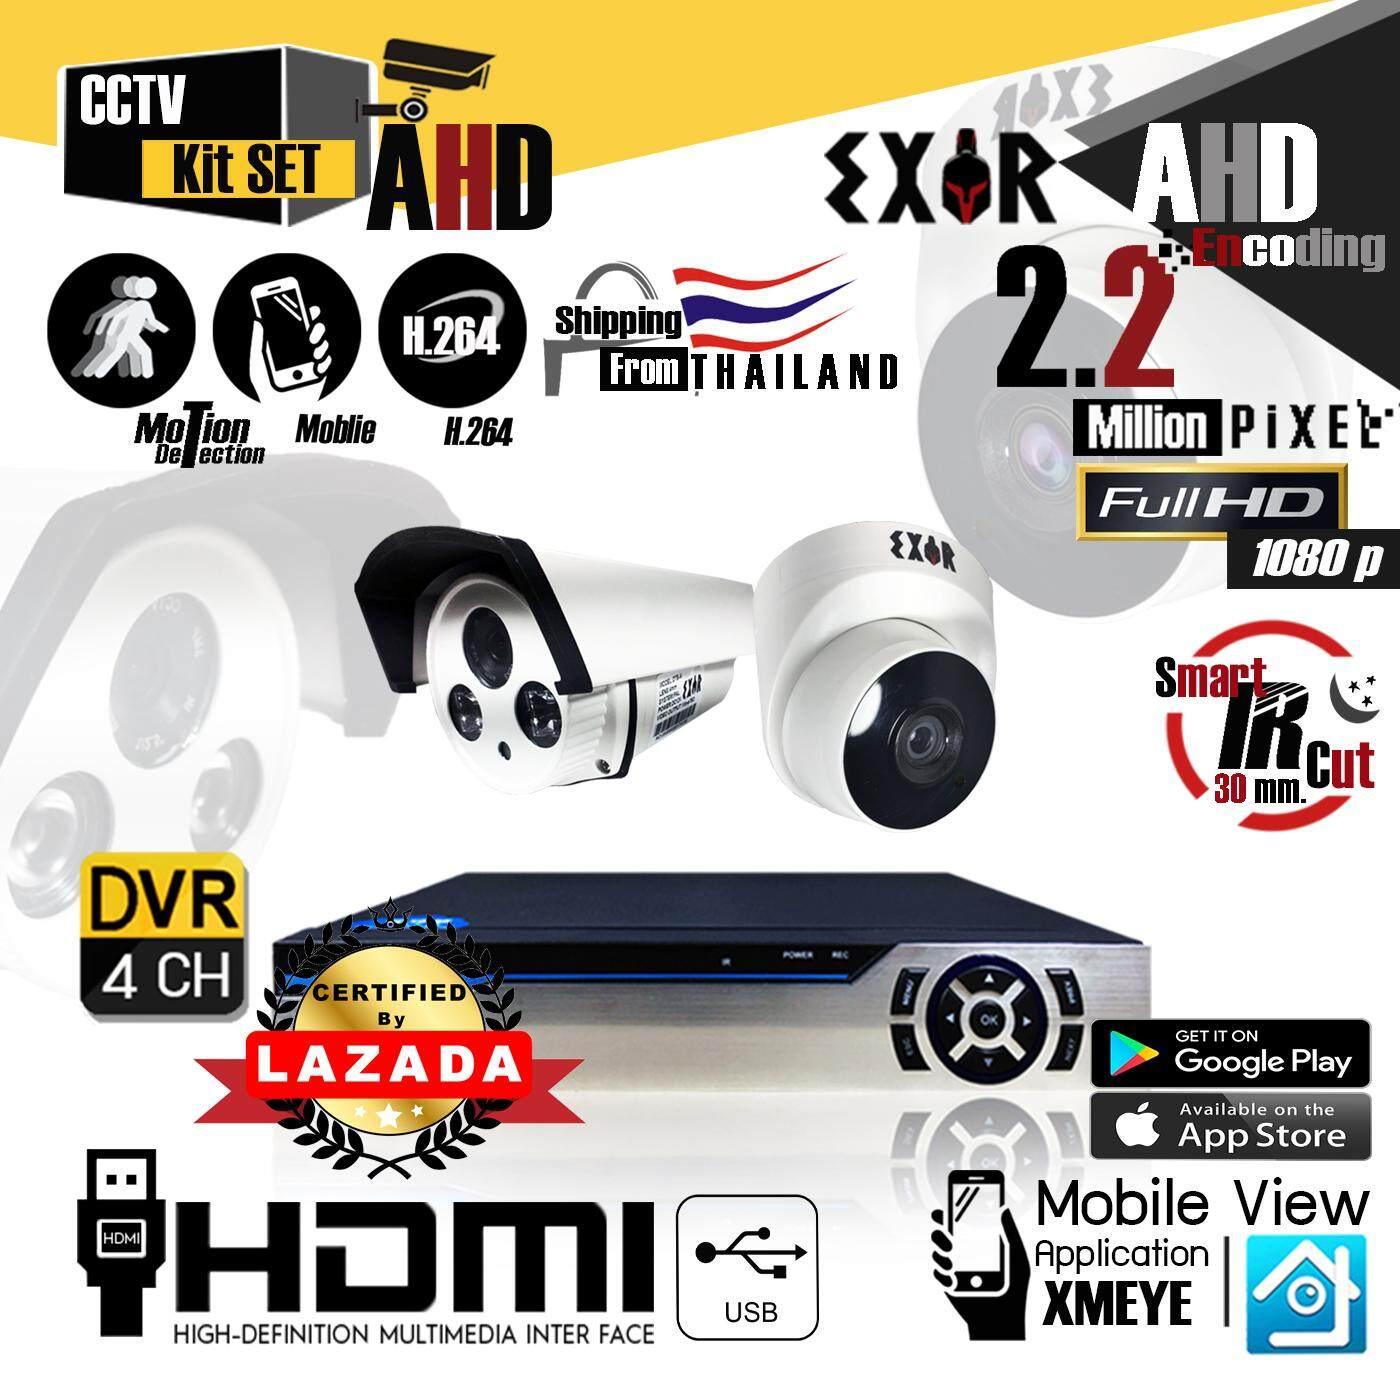 โปรโมชั่นลดราคา ชุดกล้องวงจรปิด EXIR CCTV 4CH AHD Kit Set 2.2 ล้านพิกเซล Full HD 1080P กล้อง 2 ตัว ทรงกระบอก และ โดม 1 ตา เลนส์ 4mm IR cut / Night vision และ เครื่องบันทึก Full HD DVR 4 CH 6 in 1 DIUS ( DTR-AFS1080B04BN ) ภาพคมชัดของจริง